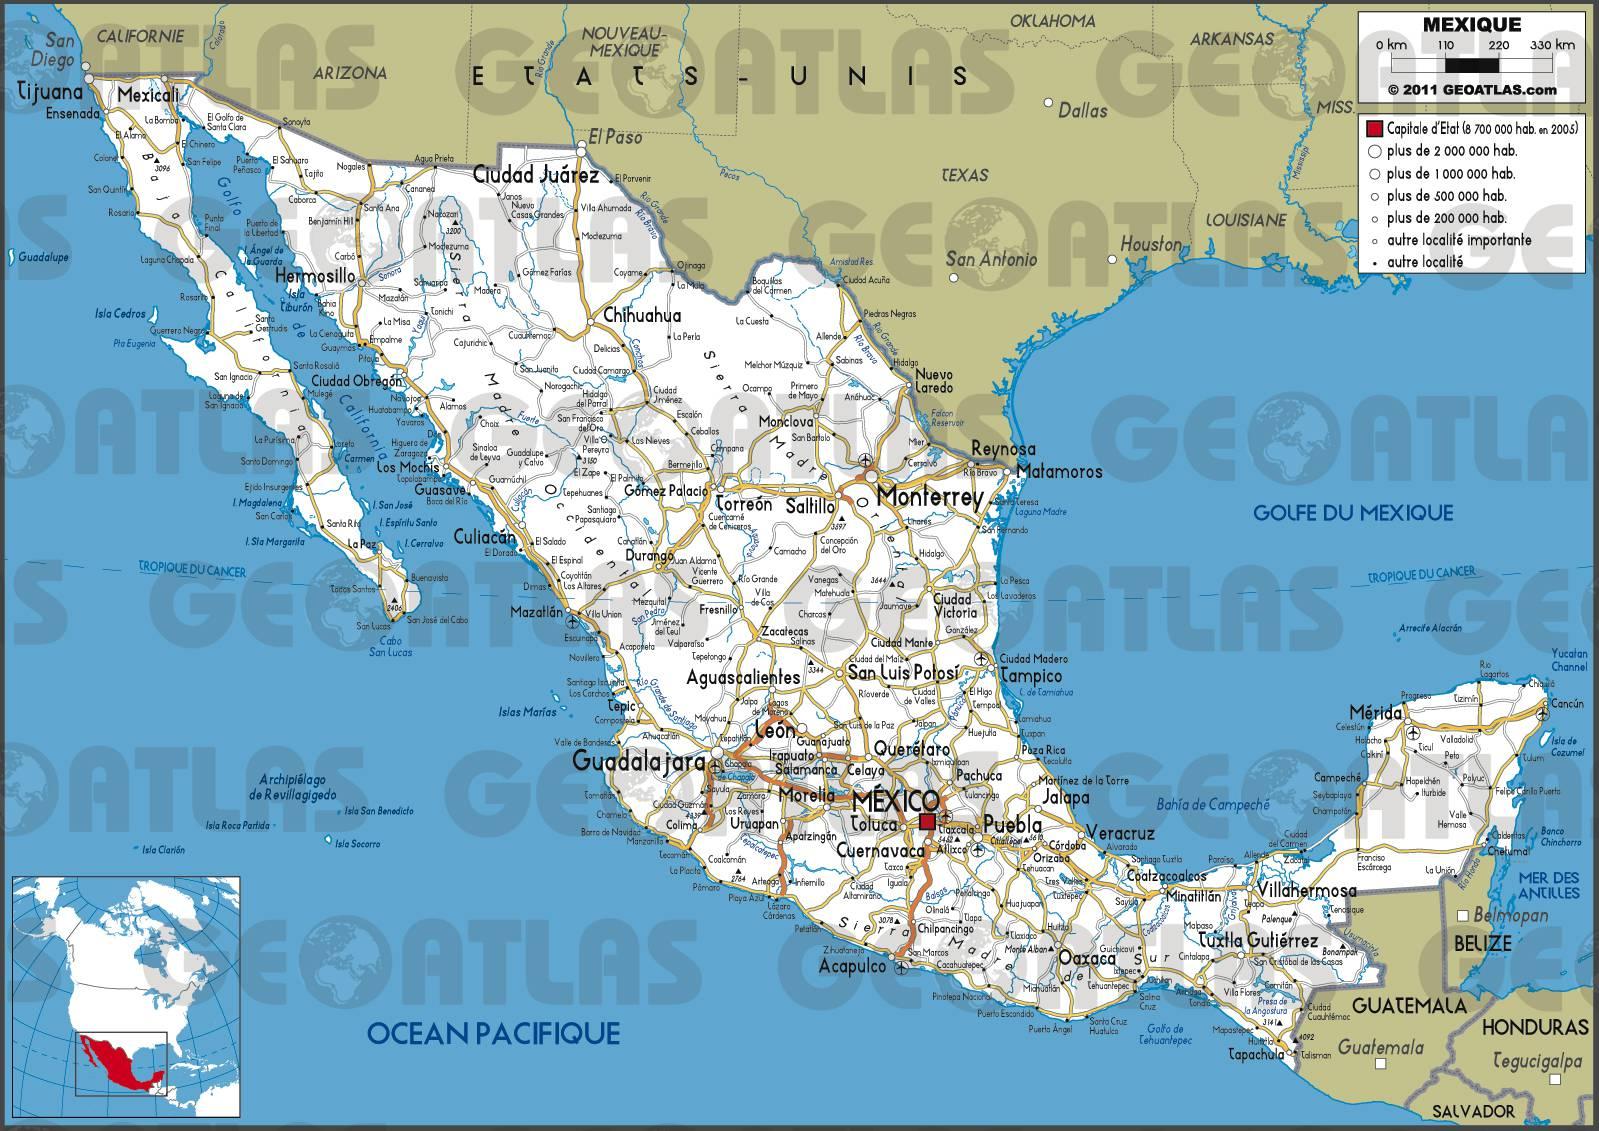 Carte routière du Mexique